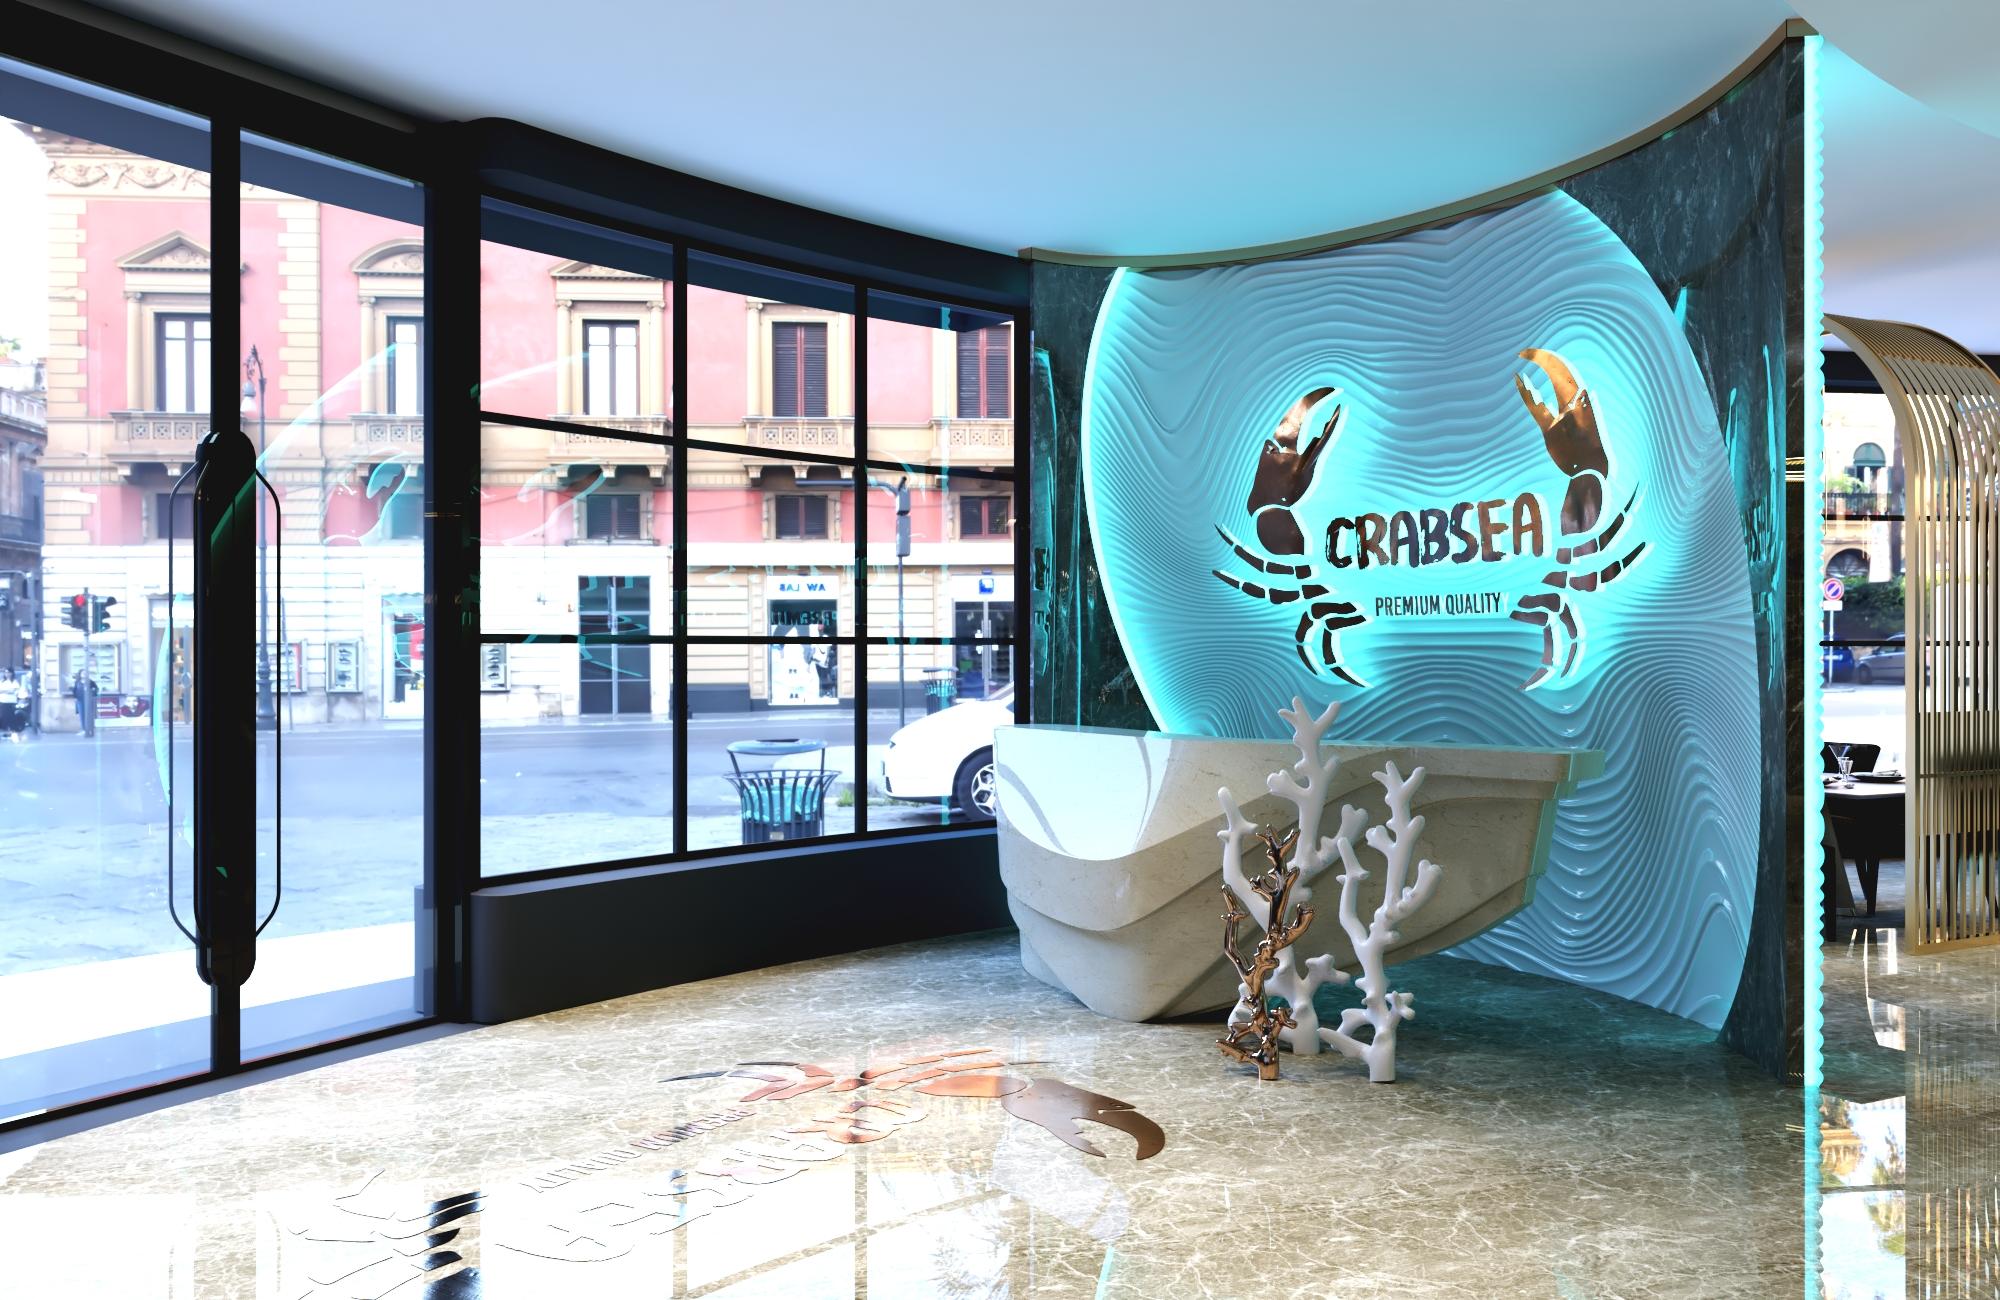 Thiết kế nội thất Nhà Hàng tại Hồ Chí Minh NHÀ HÀNG HẢI SẢN CRABSEA 1595741105 1